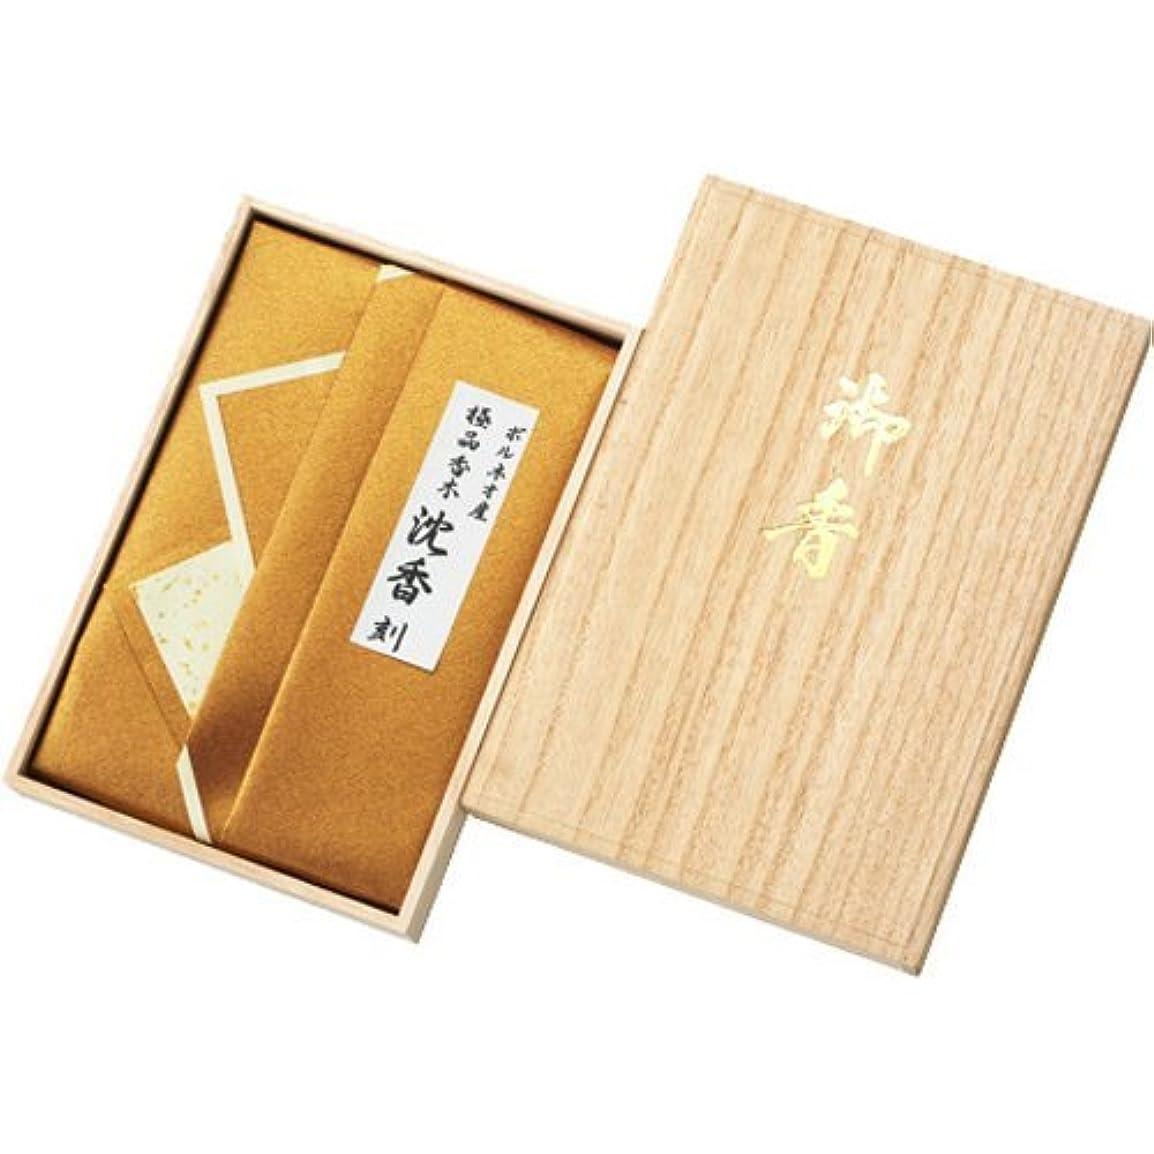 委員会に負けるバランスボルネオ産極品香木沈香 刻 30g